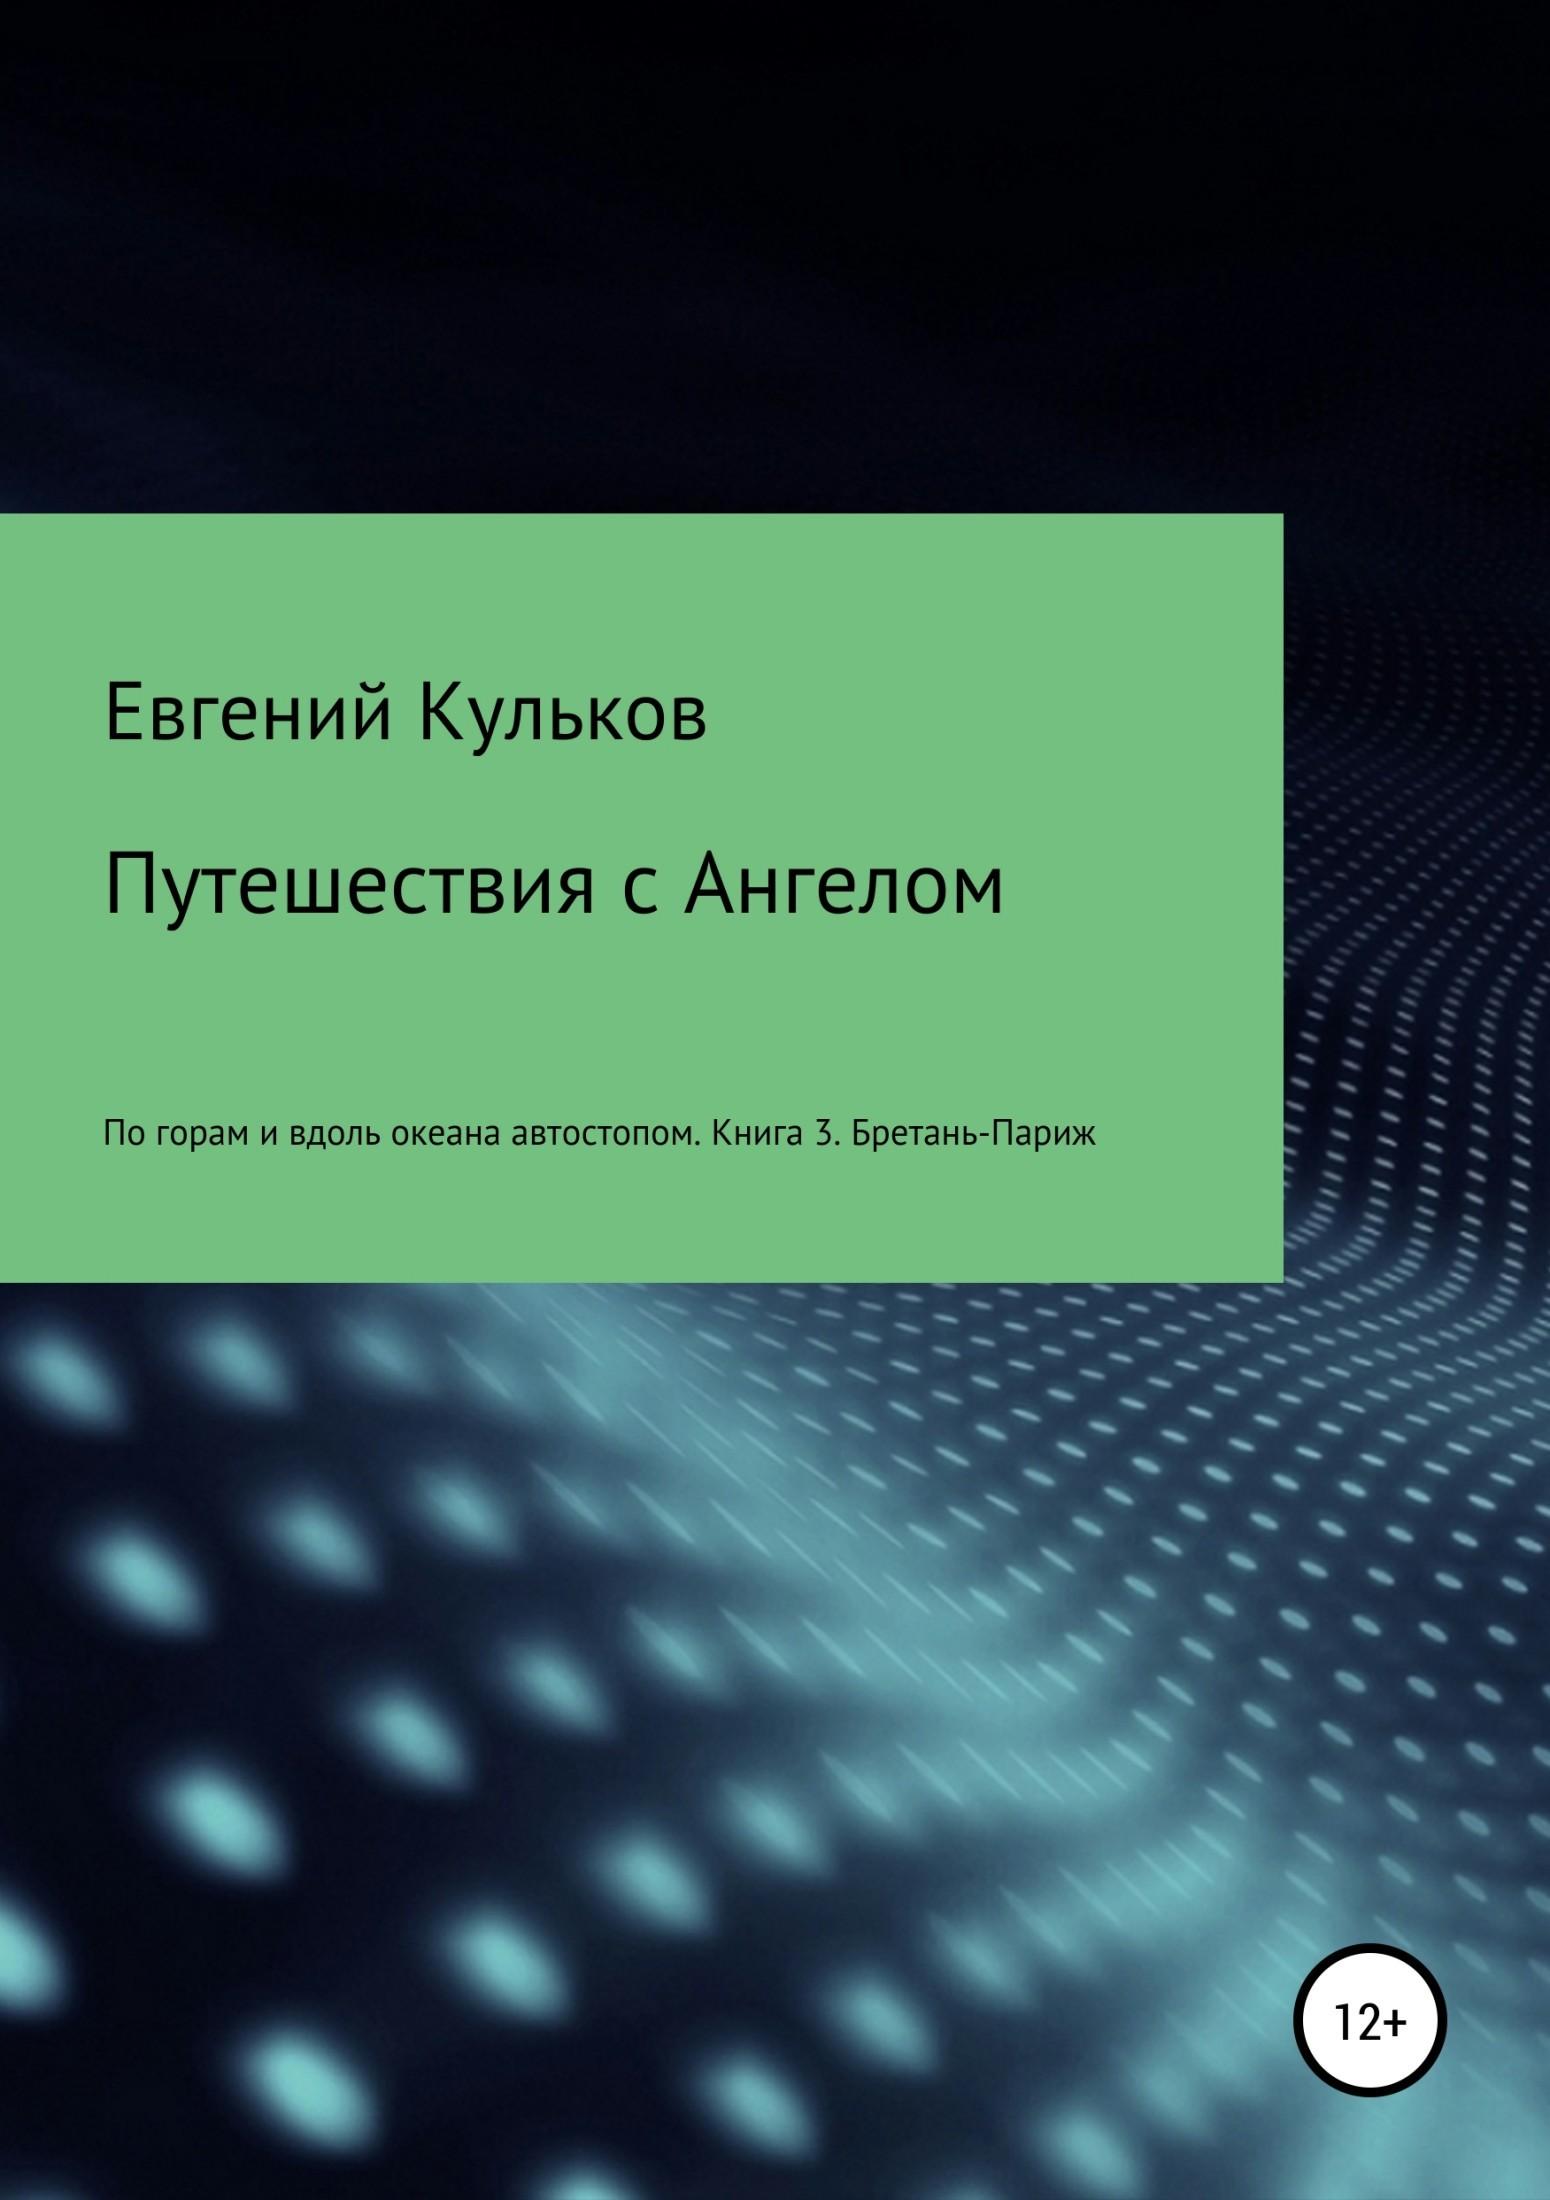 Евгений Анатольевич Кульков Путешествия с Ангелом. Книга 3. Бретань-Париж